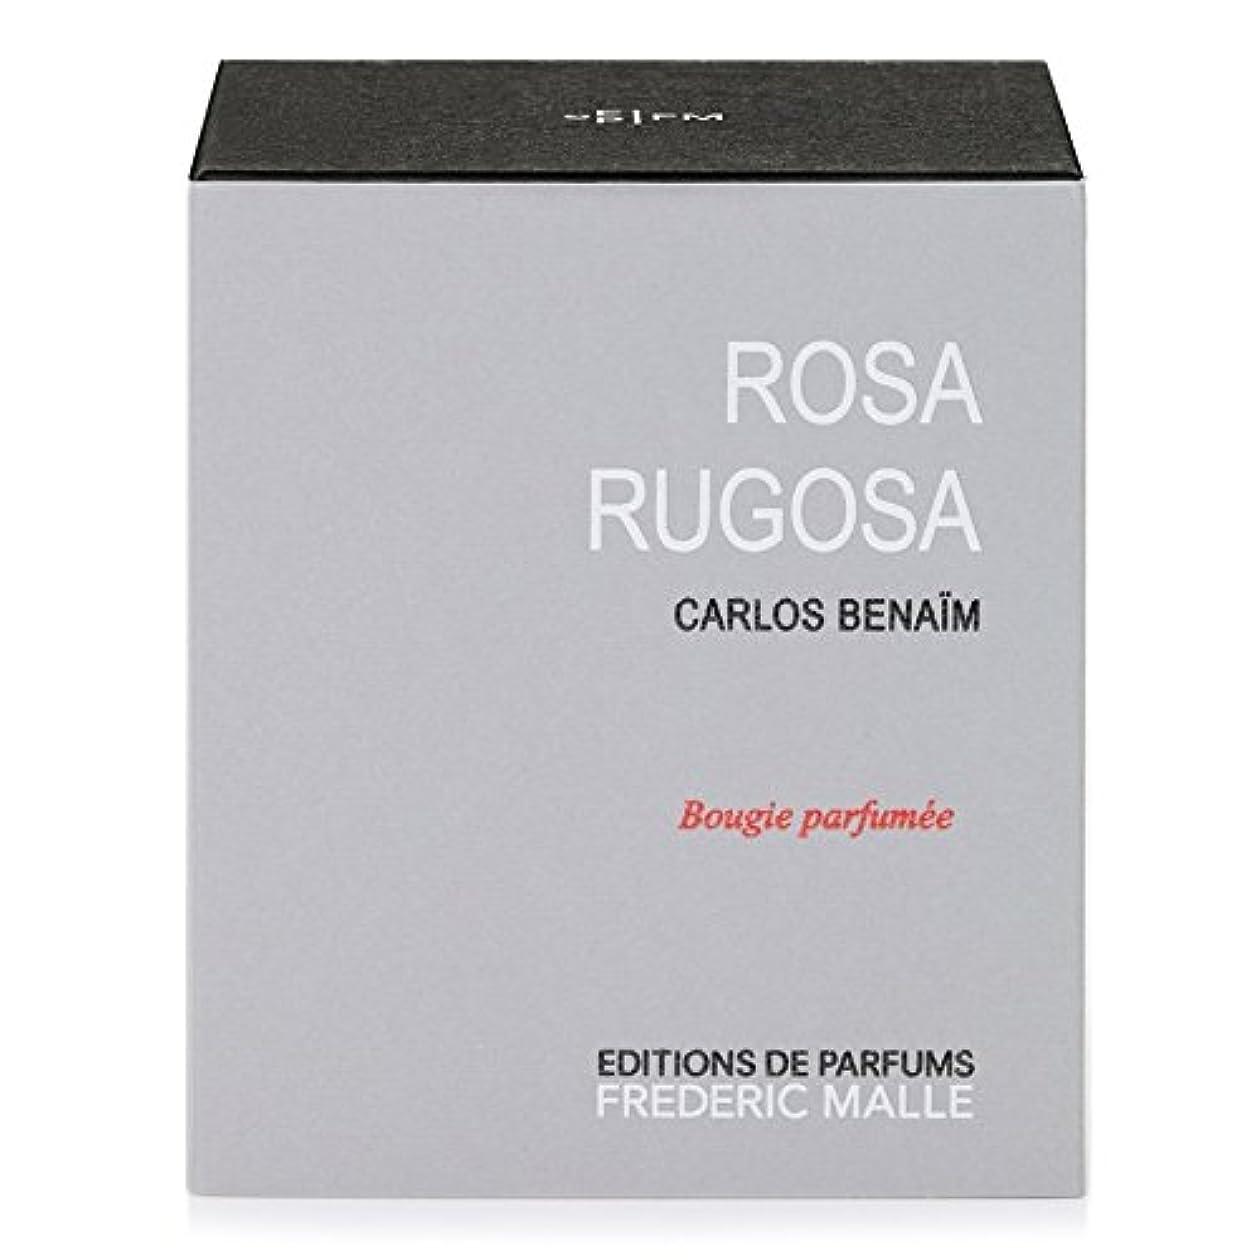 ビジョン幹シャッターFrederic Malle Rosa Rugosa Scented Candle (Pack of 2) - フレデリック?マルハマナスの香りのキャンドル x2 [並行輸入品]